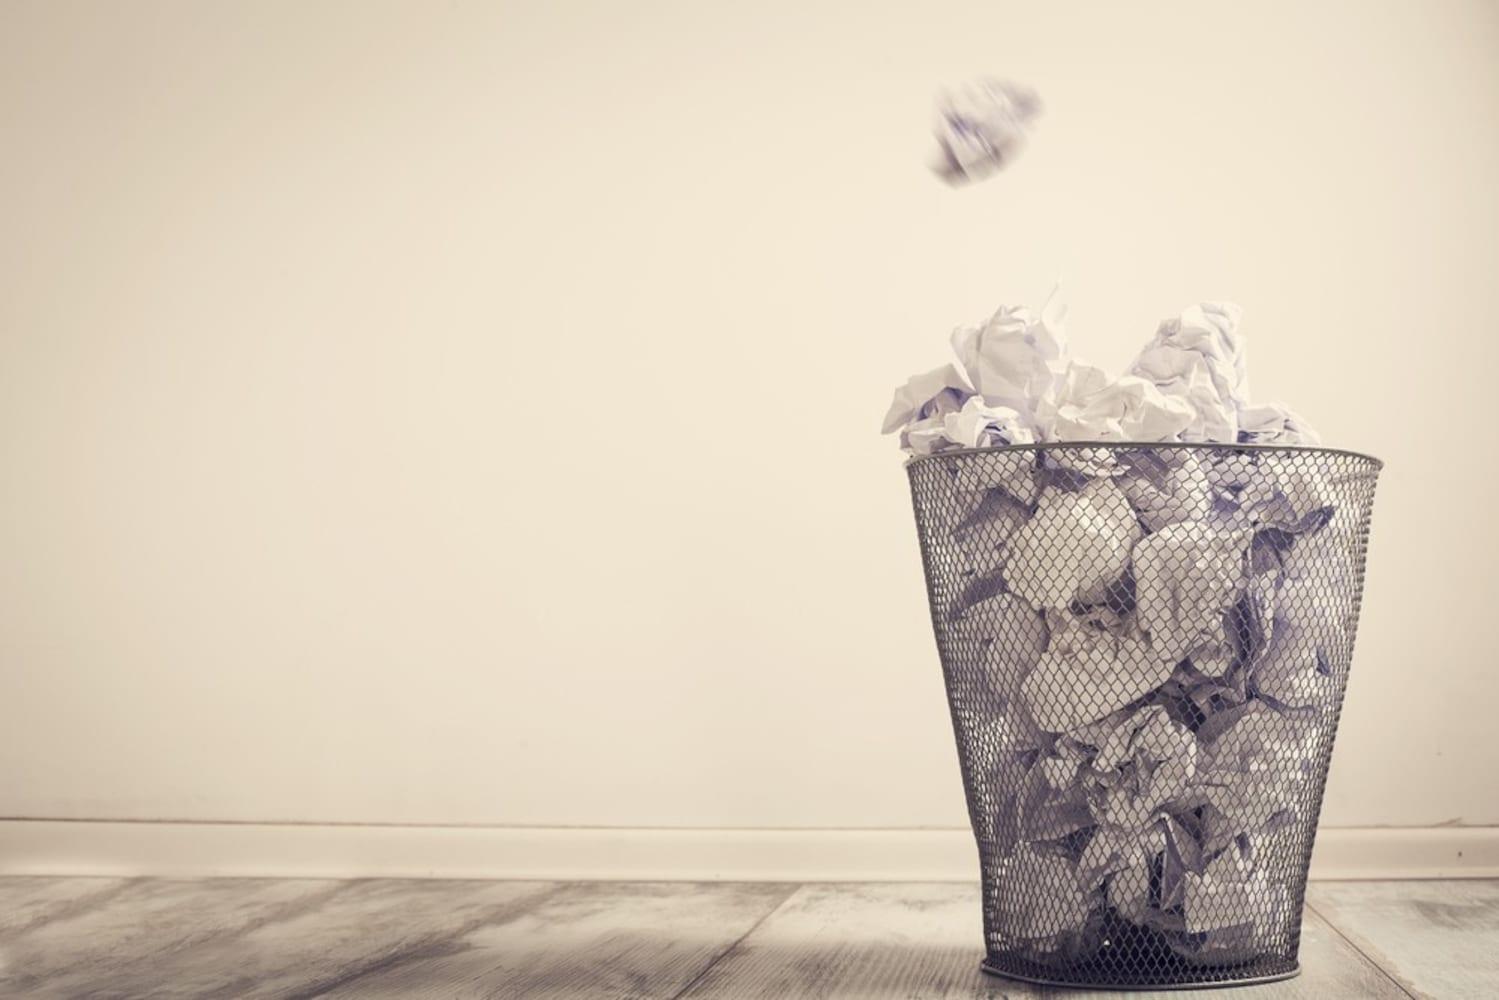 捨て方|各自治体の決まりに従って処分しよう